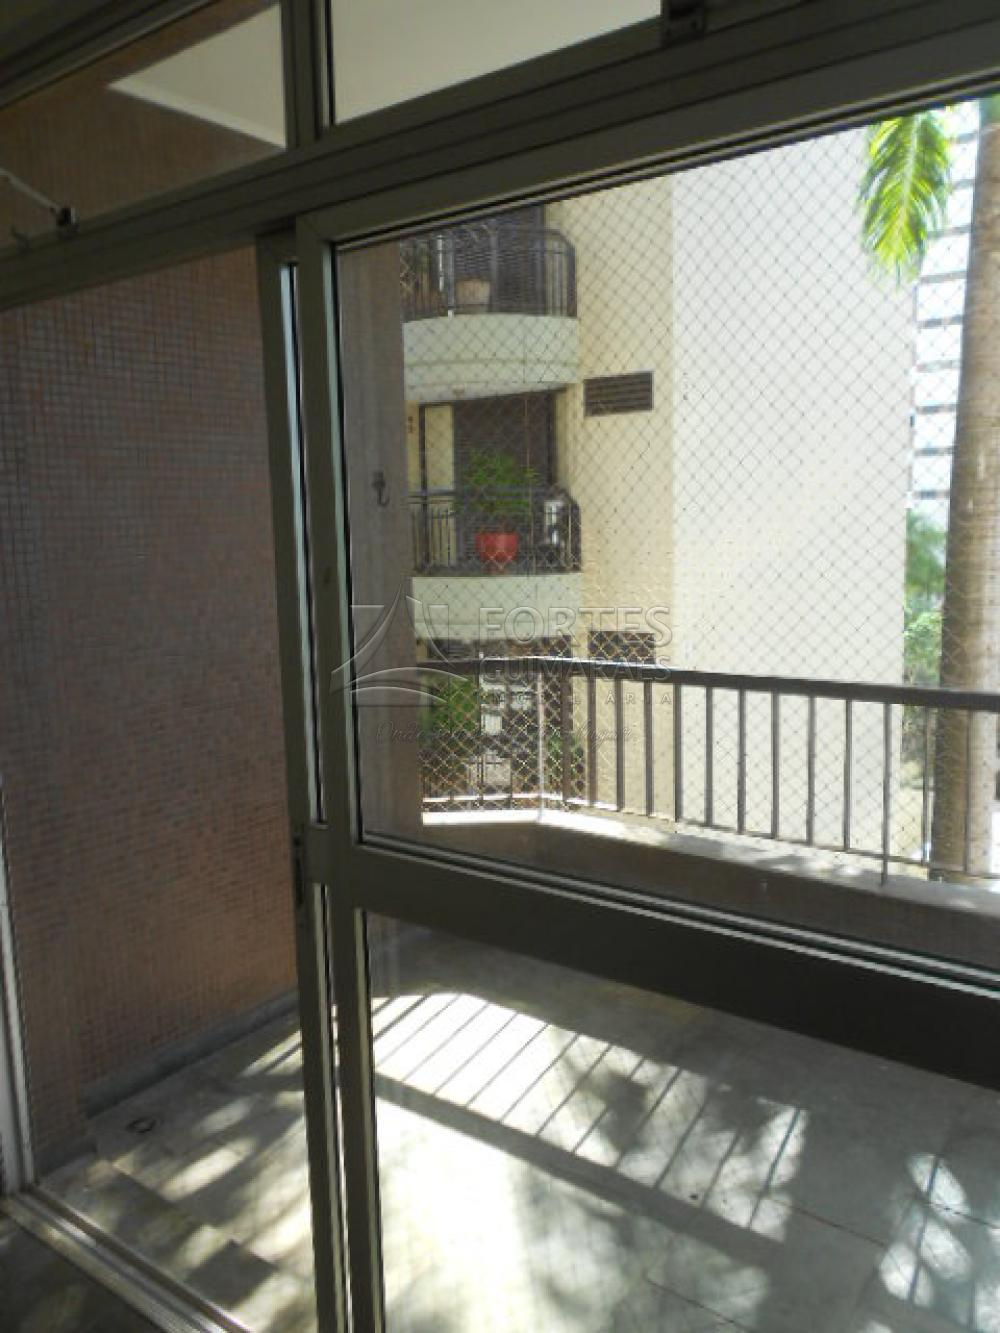 Alugar Apartamentos / Padrão em Ribeirão Preto apenas R$ 1.100,00 - Foto 6